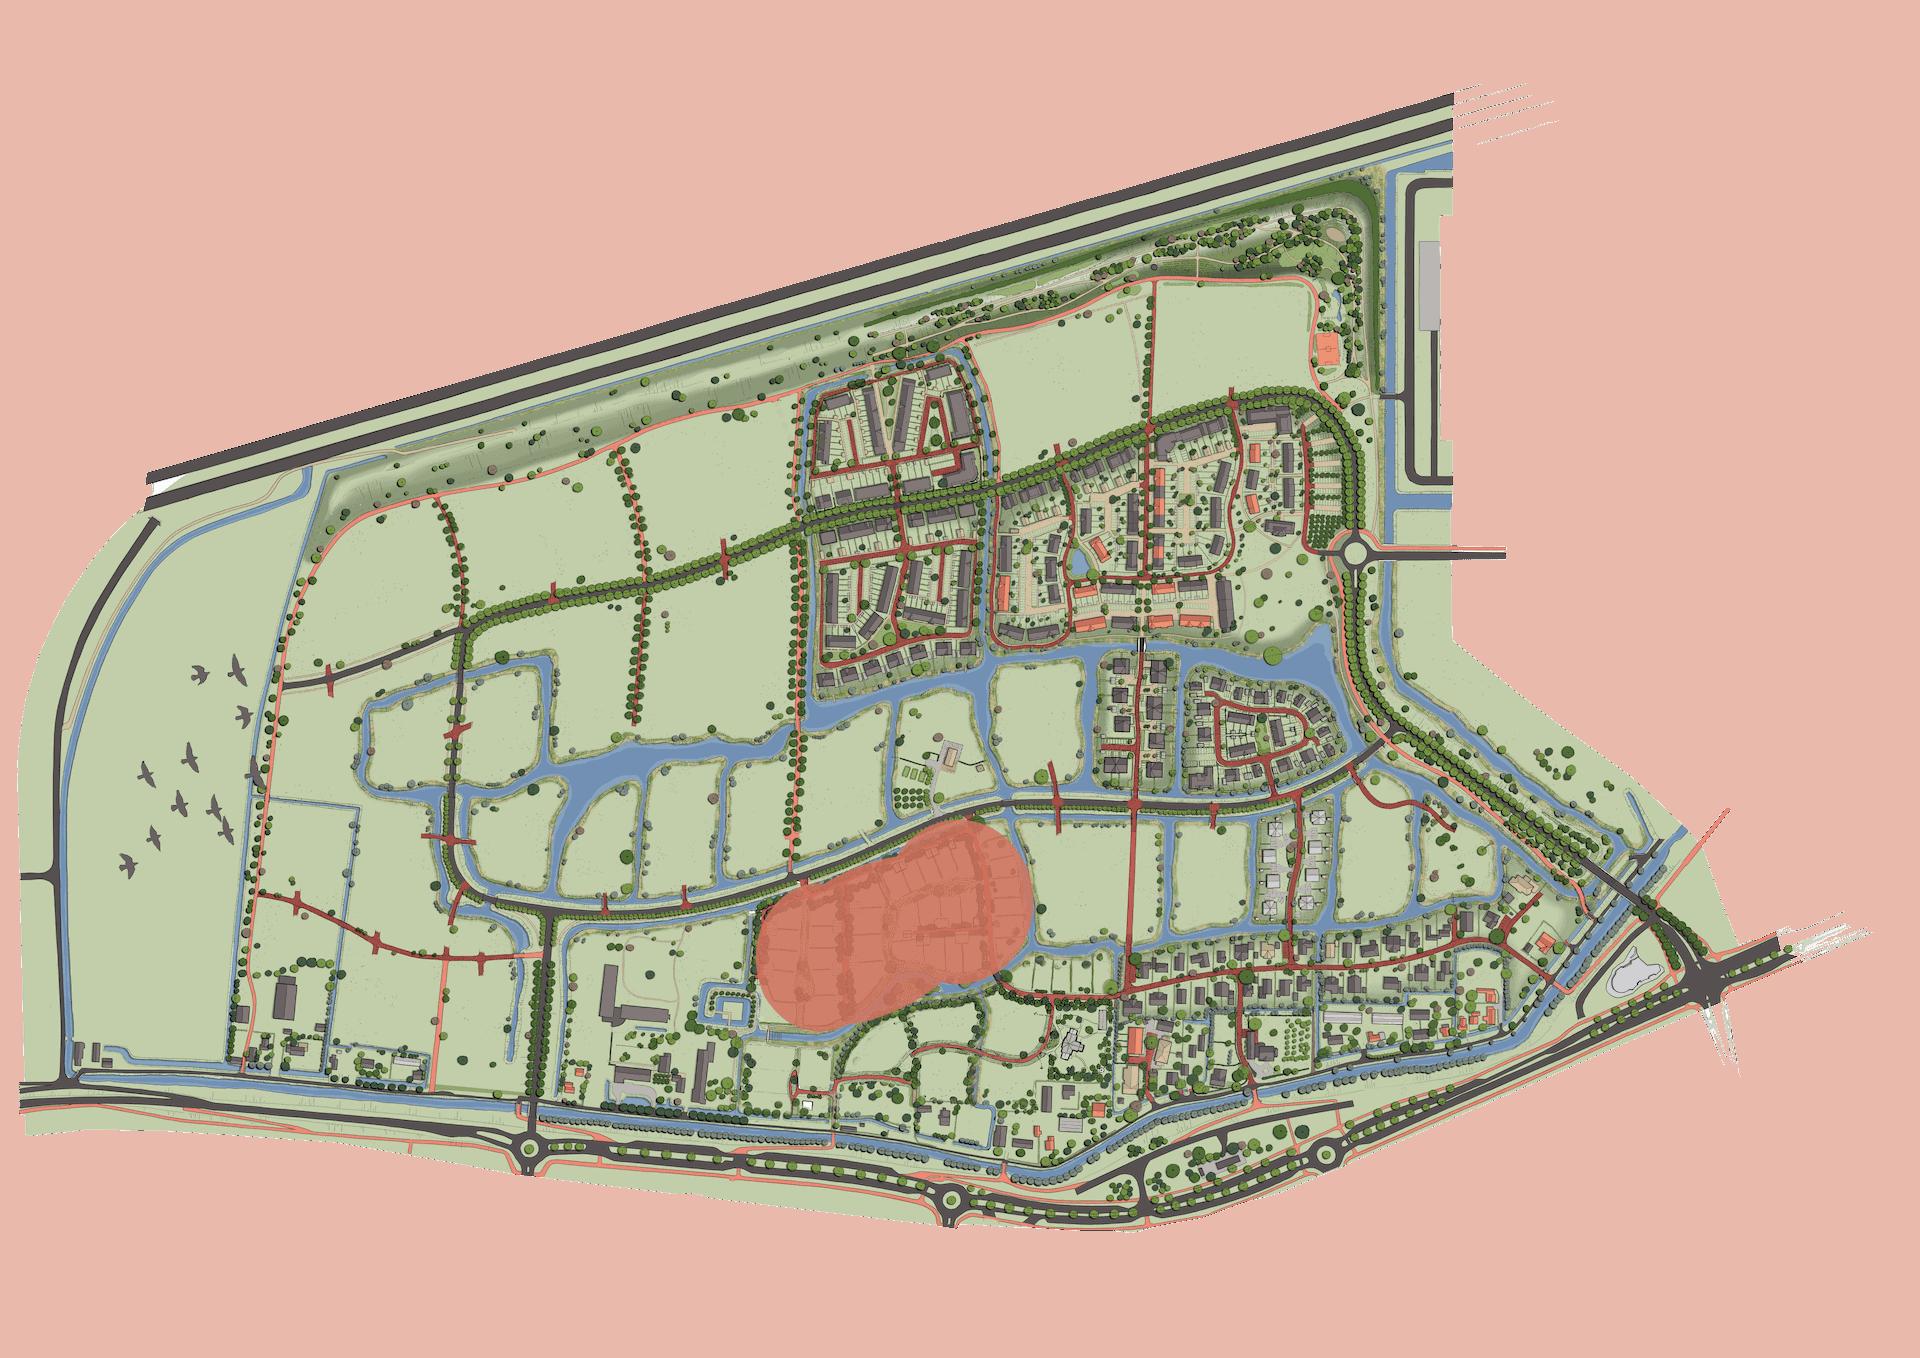 Wilgenrijk Plankaart Buurt Goedland